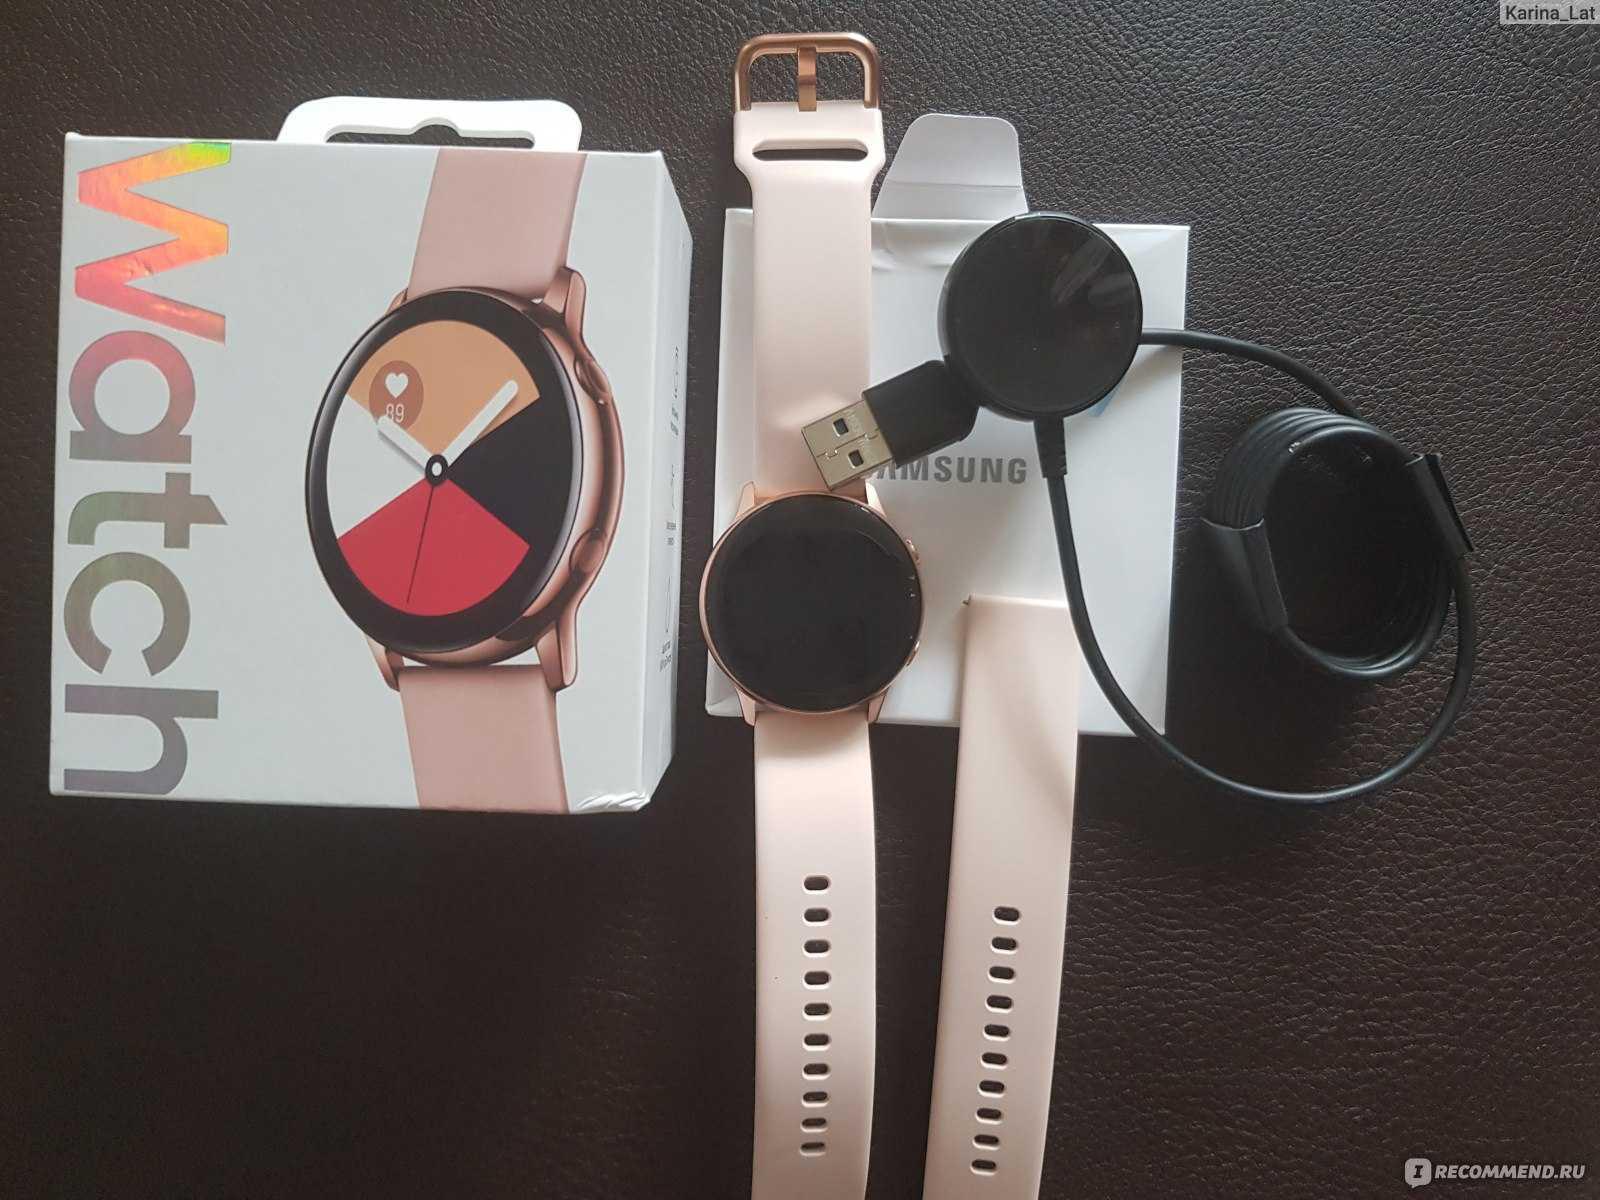 Обзор samsung galaxy watch active 2: идеальные смарт-часы для андроид